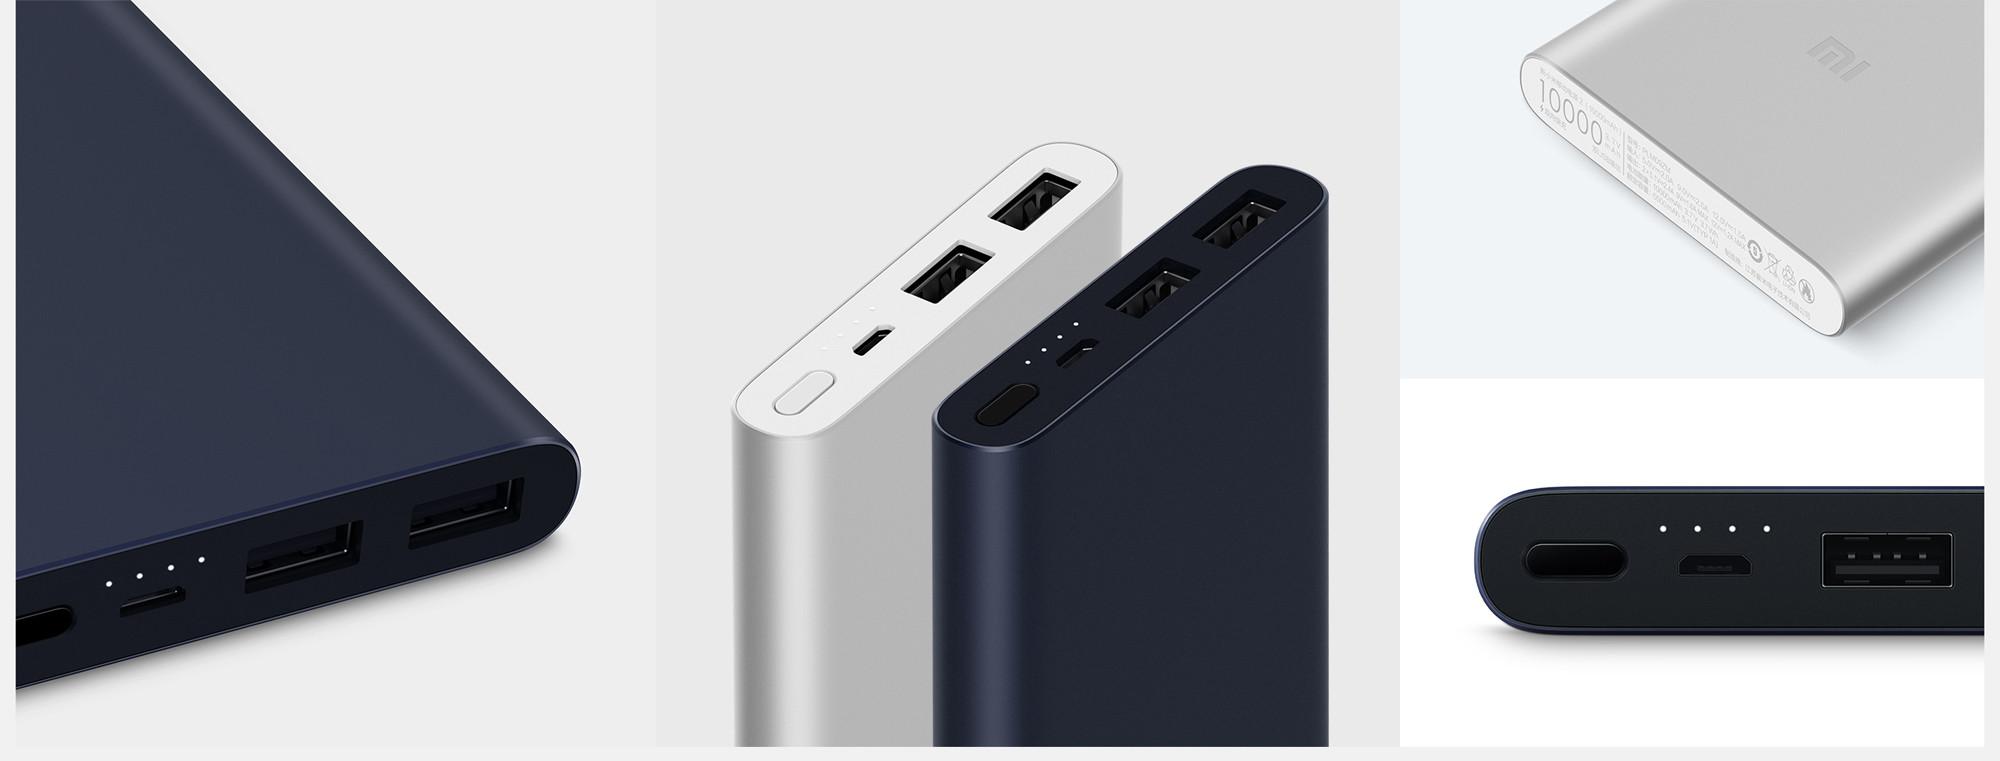 Топ-10 мобильных батарей по версии Comfy. Всегда есть время для подзарядки! - батарея xiaomi в двух цветах